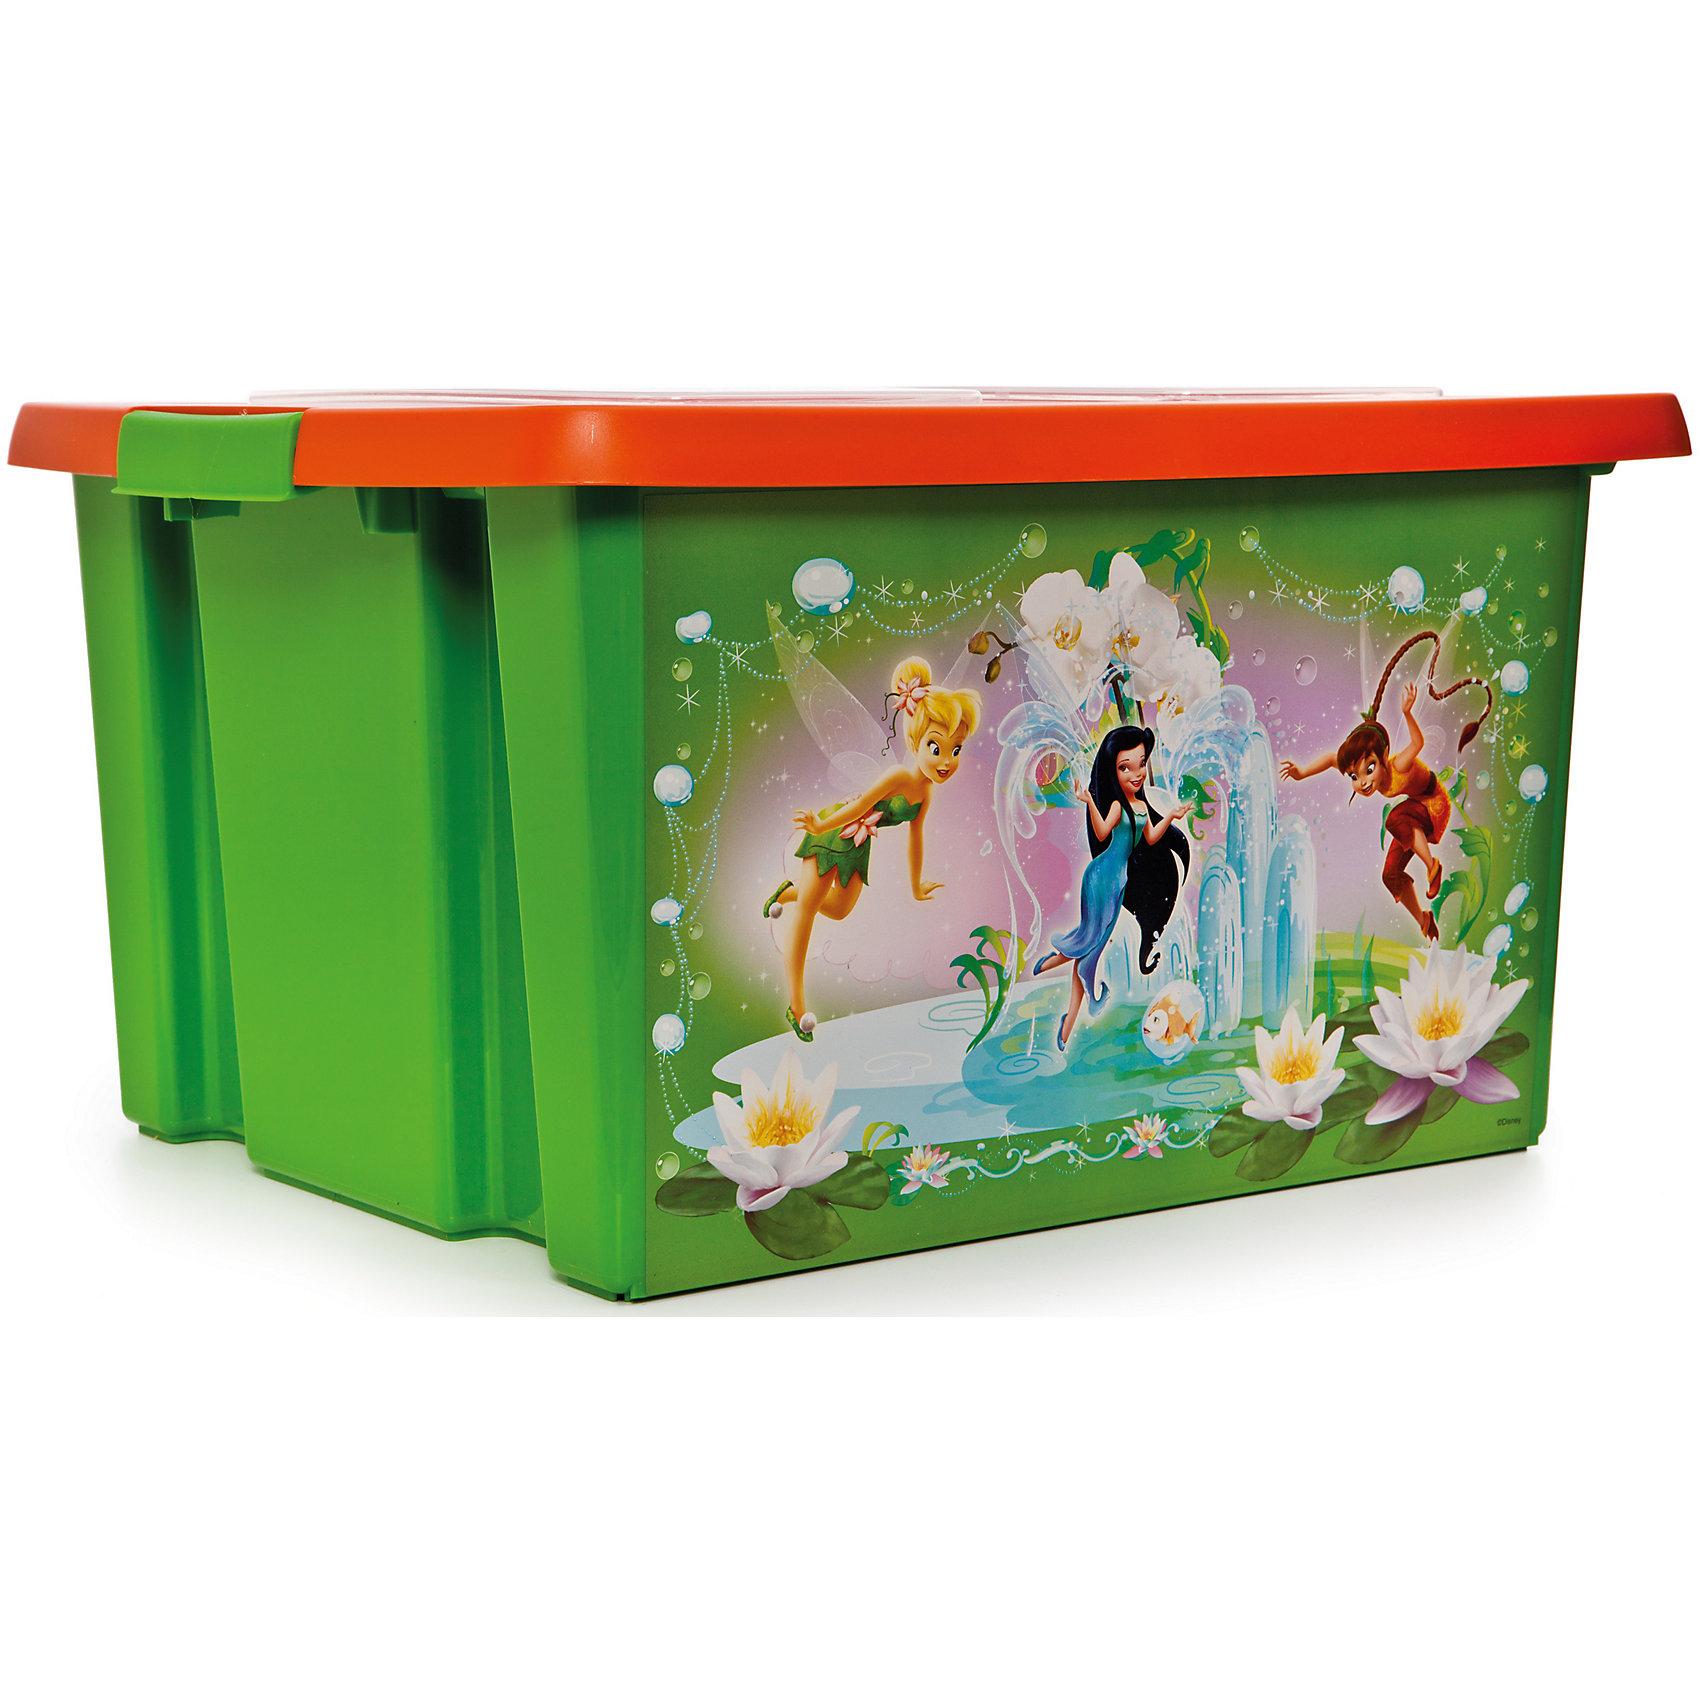 Полимербыт Ящик для игрушек Феи, 15 л ящик для игрушек полимербыт микки маус цвет синий 6 5 л